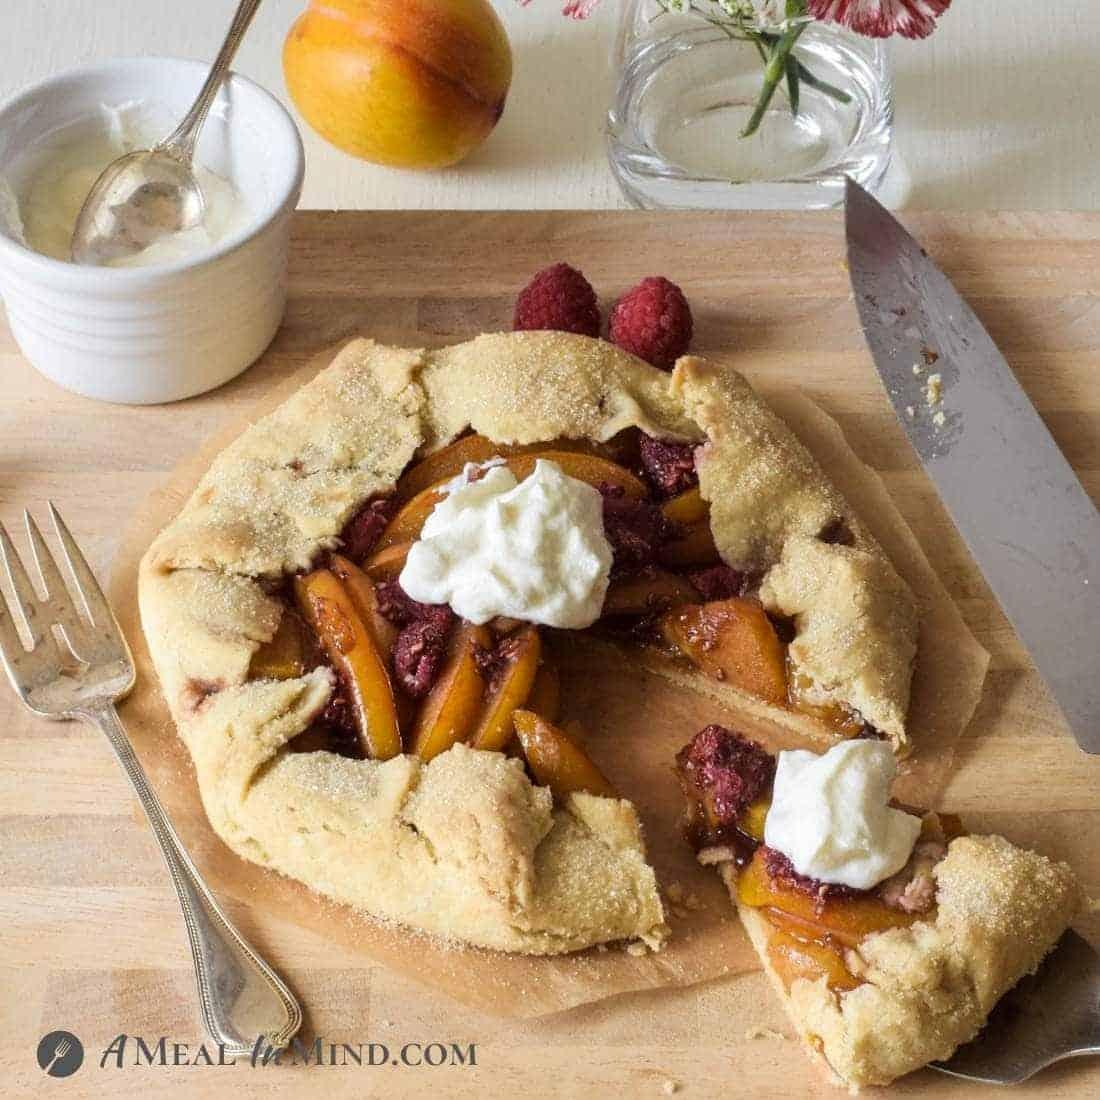 Gluten-Free Plumcot-Raspberry Galette on wooden board